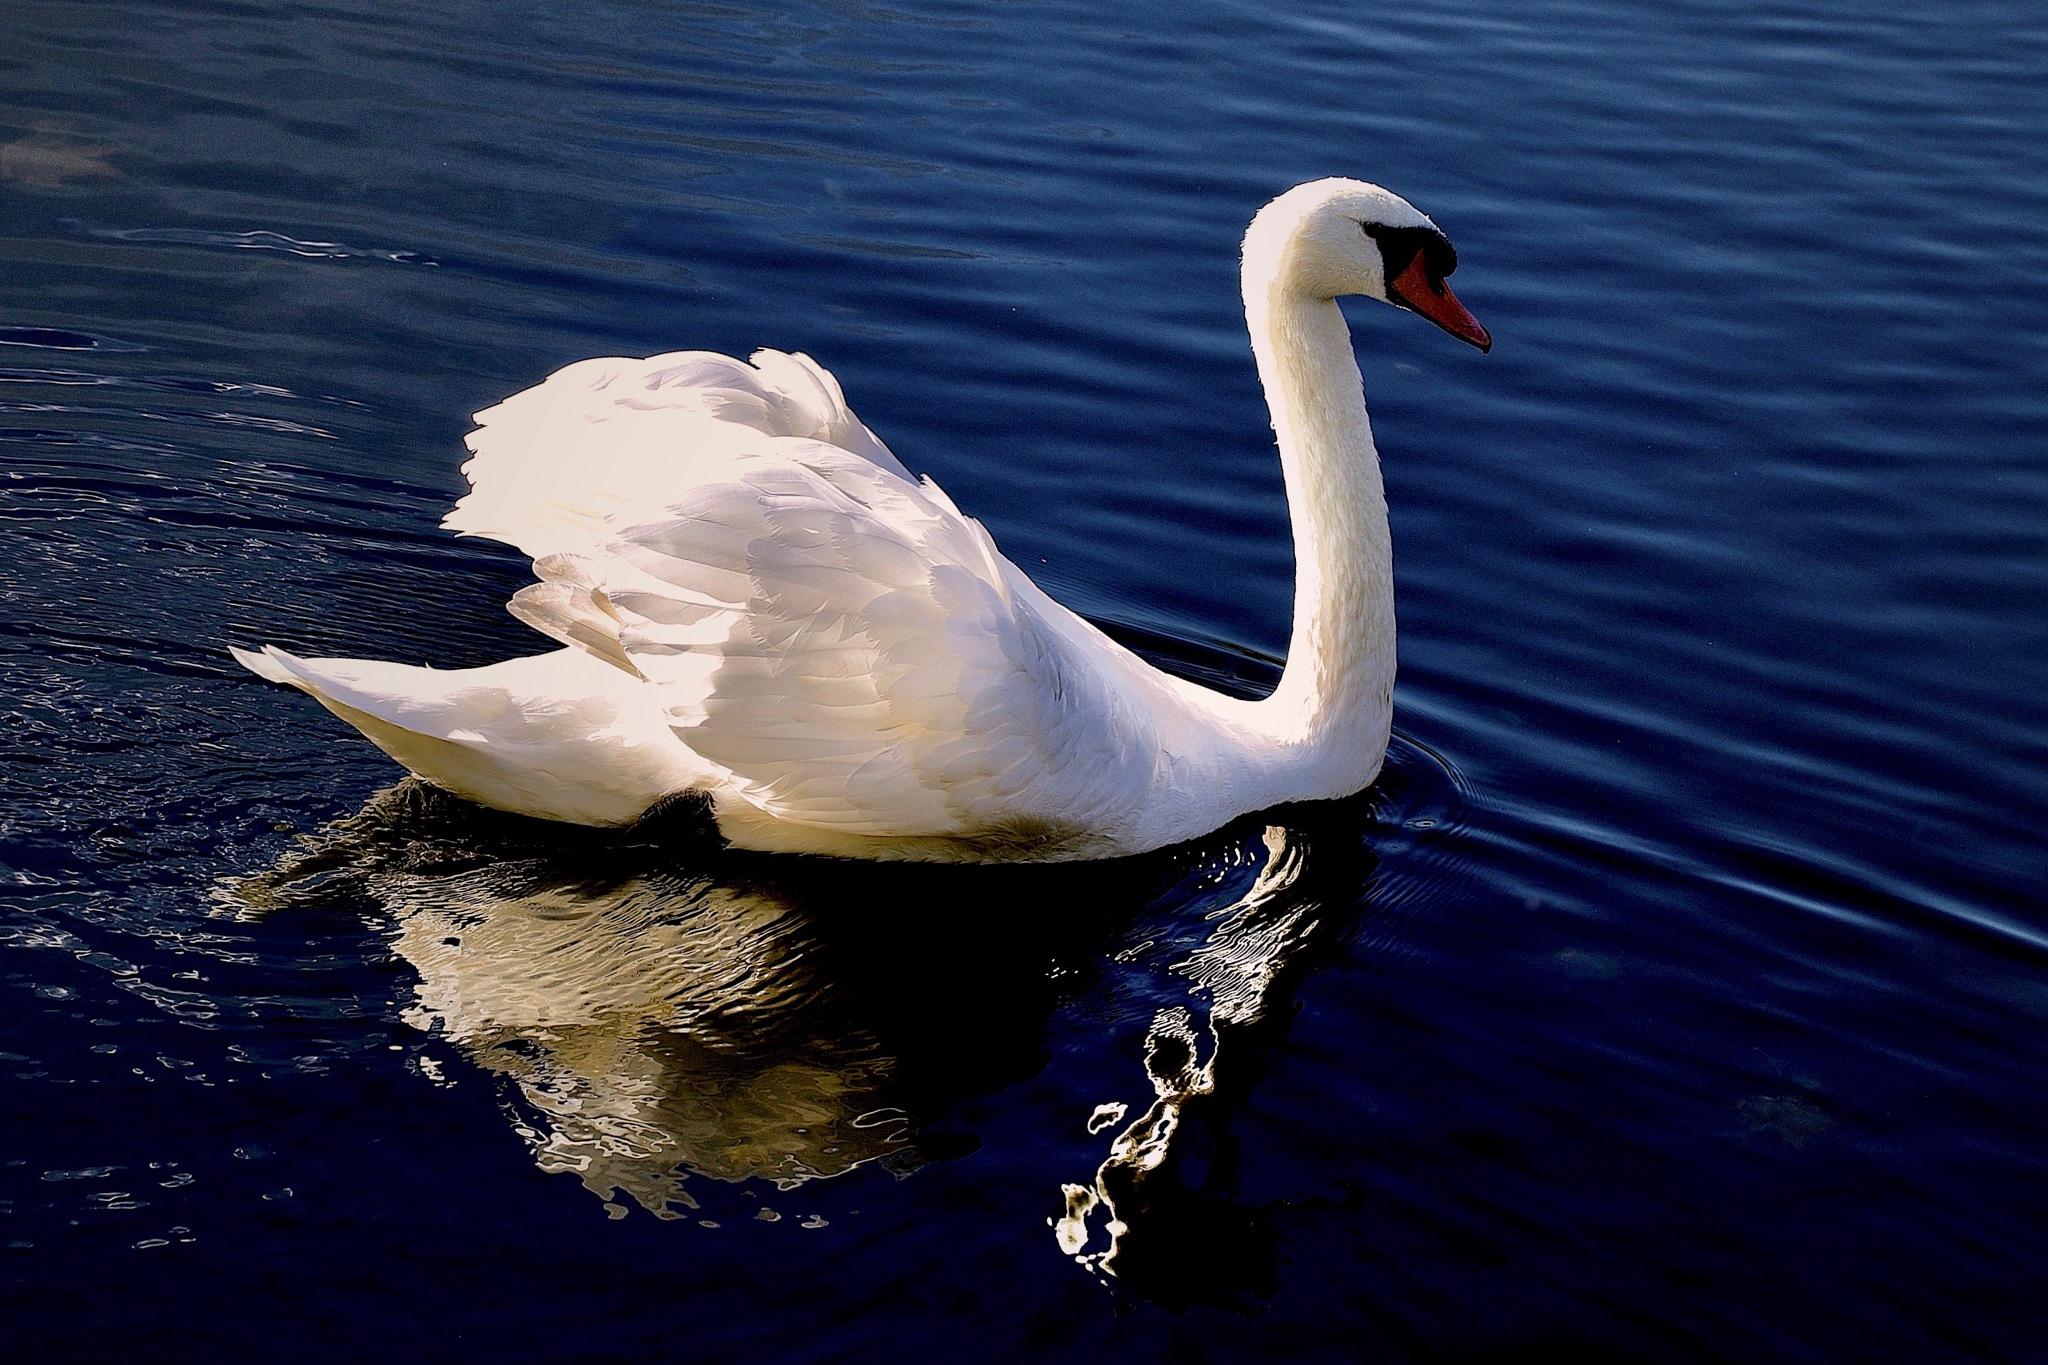 Swan by peterfmmerx